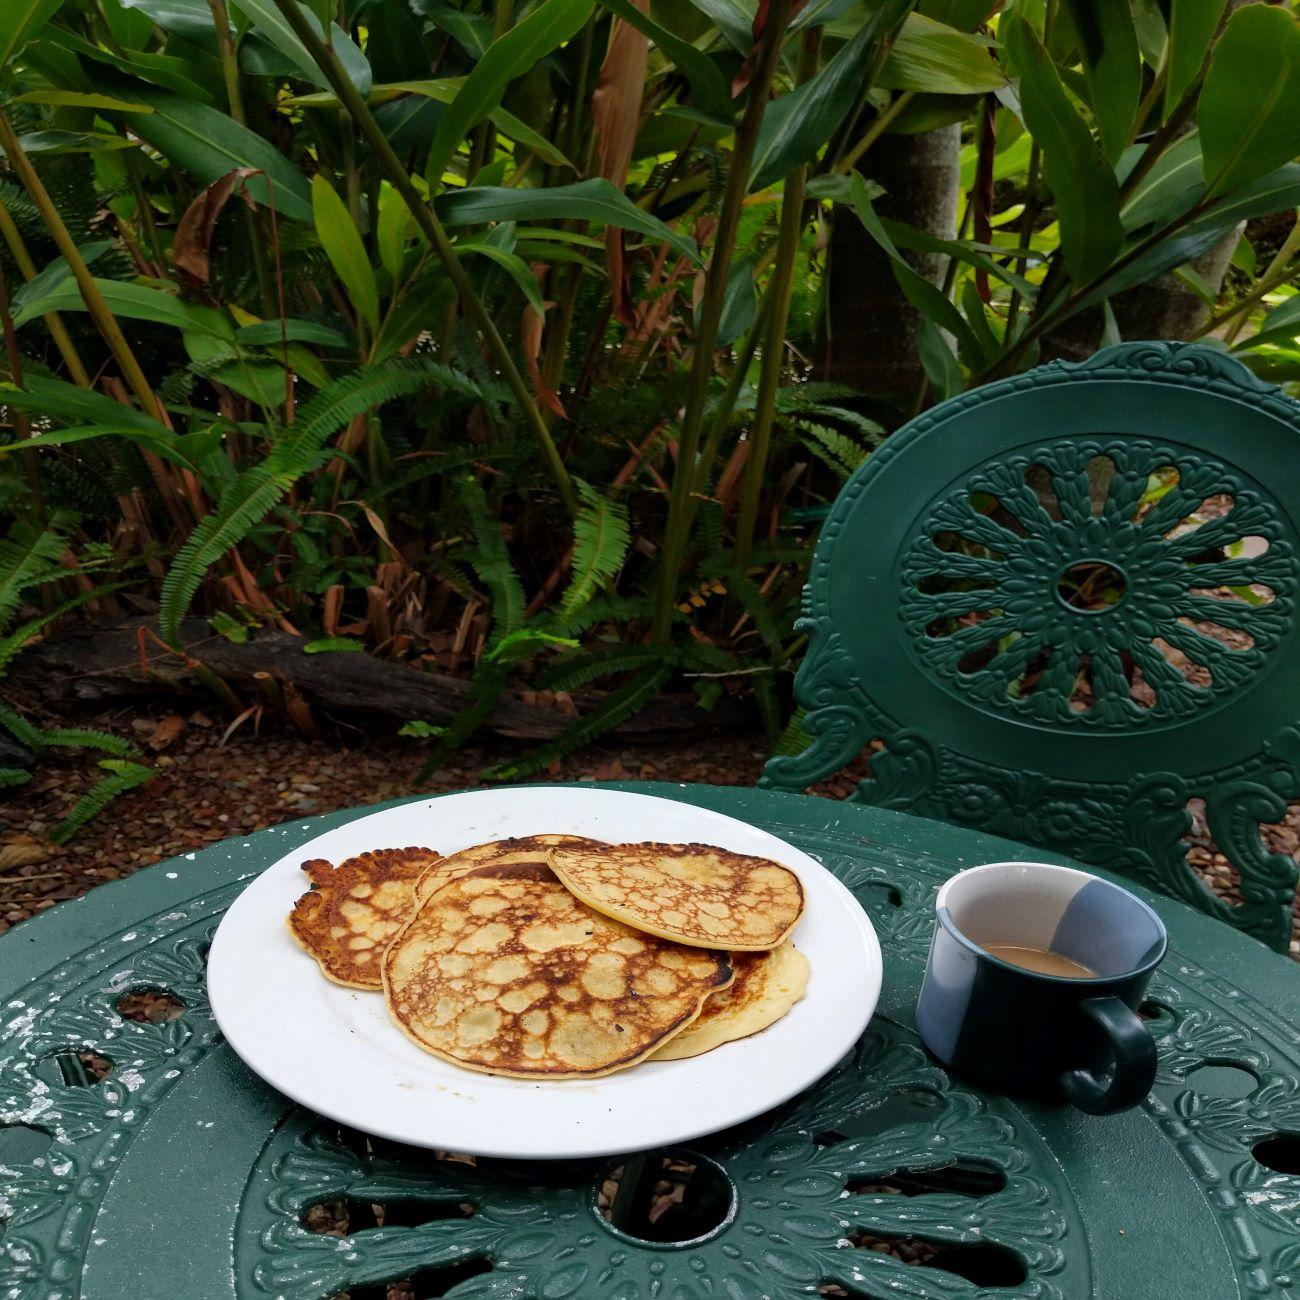 pancake-friday-woolshed-eco-lodge